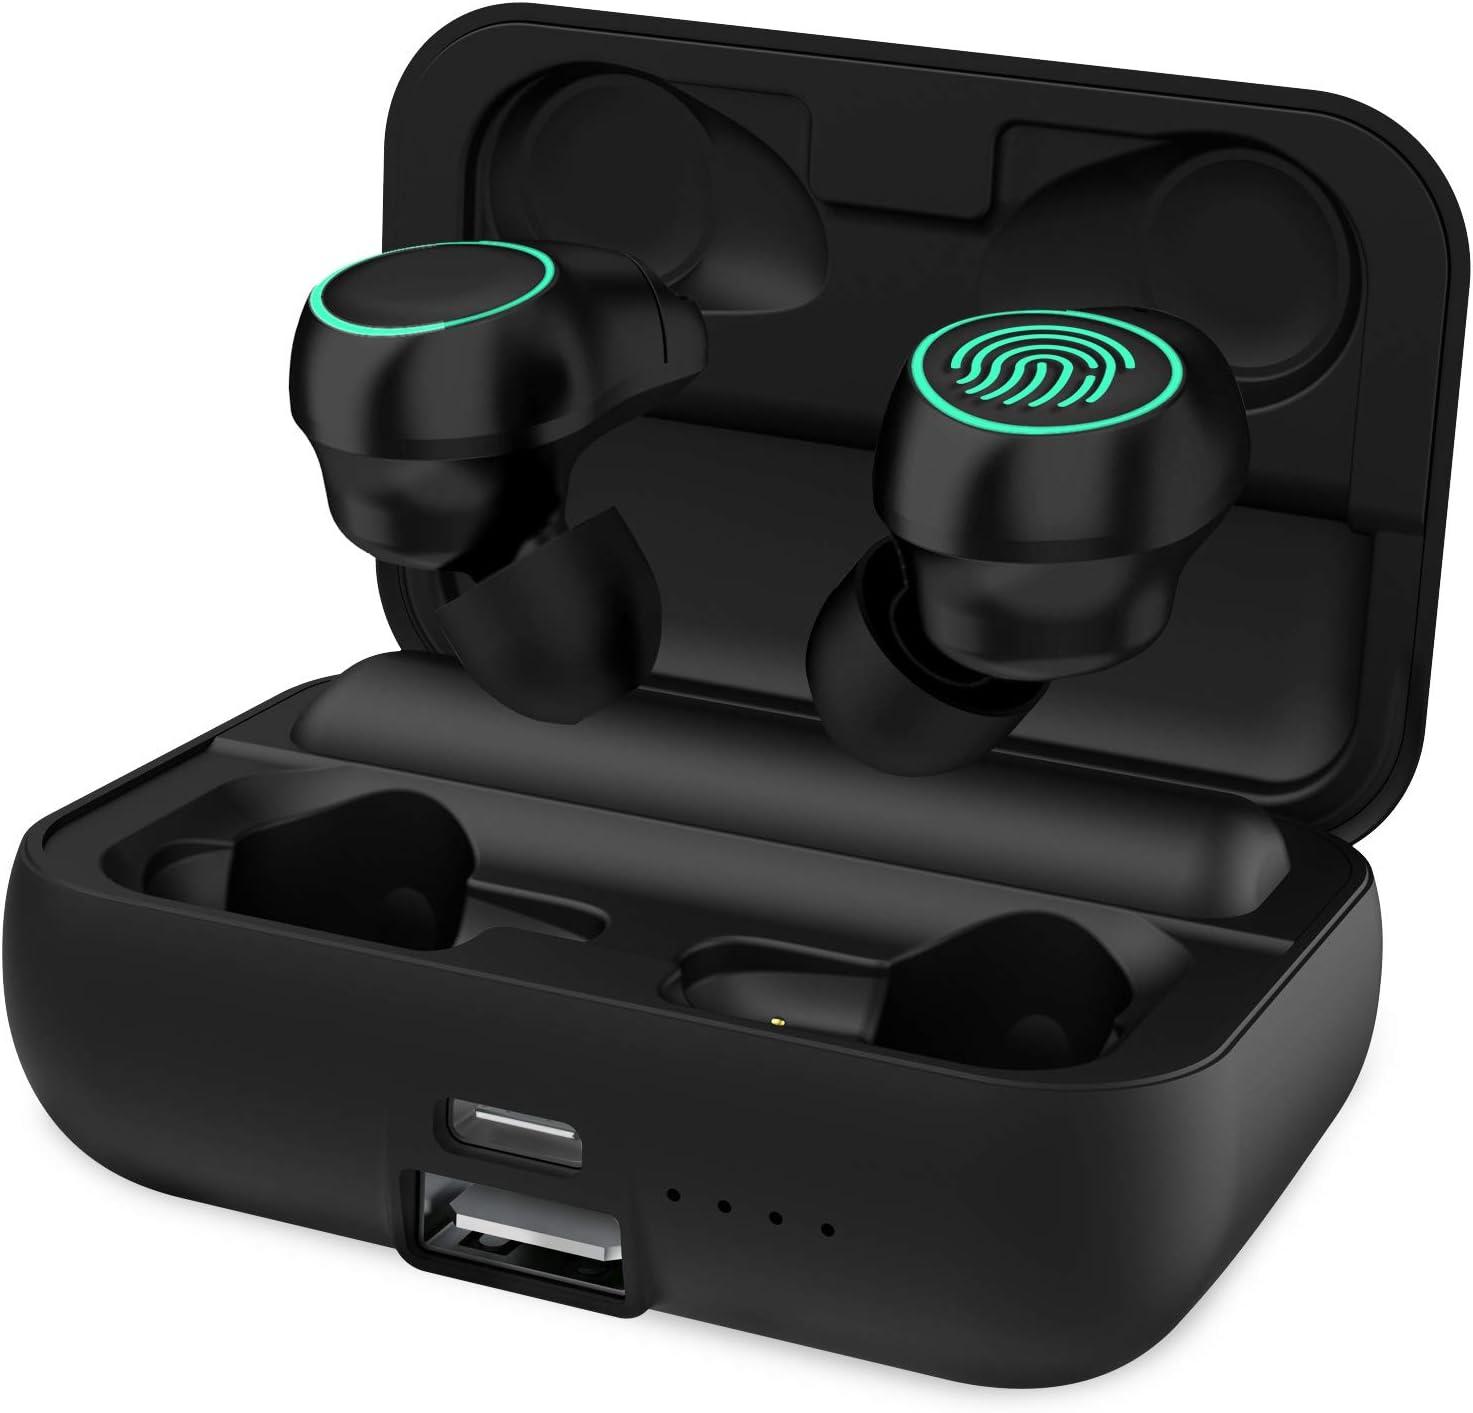 HolyHigh Auriculares Bluetooth 5.0 con 3000mAh Estuche de Carga Auriculares Inalámbricos Cascos Bluetooth 120 Horas de Reproducción Micrófono Impermeable para iPhone Android Huawei para Deporte Correr